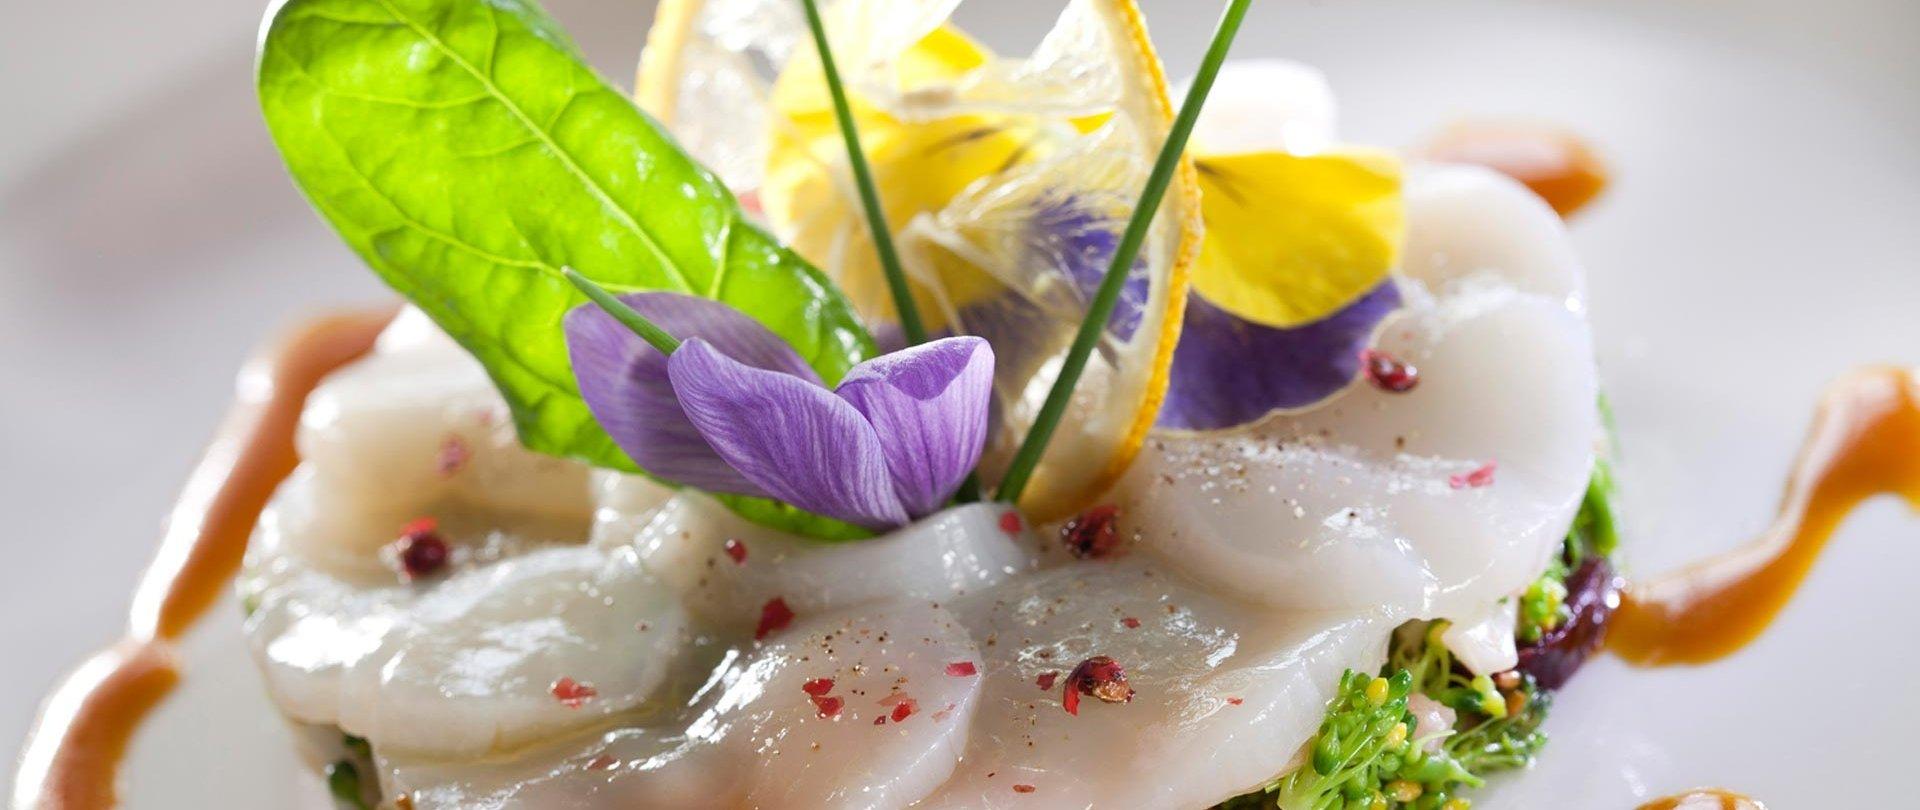 Artykuł z Kuriera Lubelskiego poświęcony unikalnej kuchni molekularnej i daniom wegańskim, których można skosztować tylko w Restauracji Hotelu AGIT.